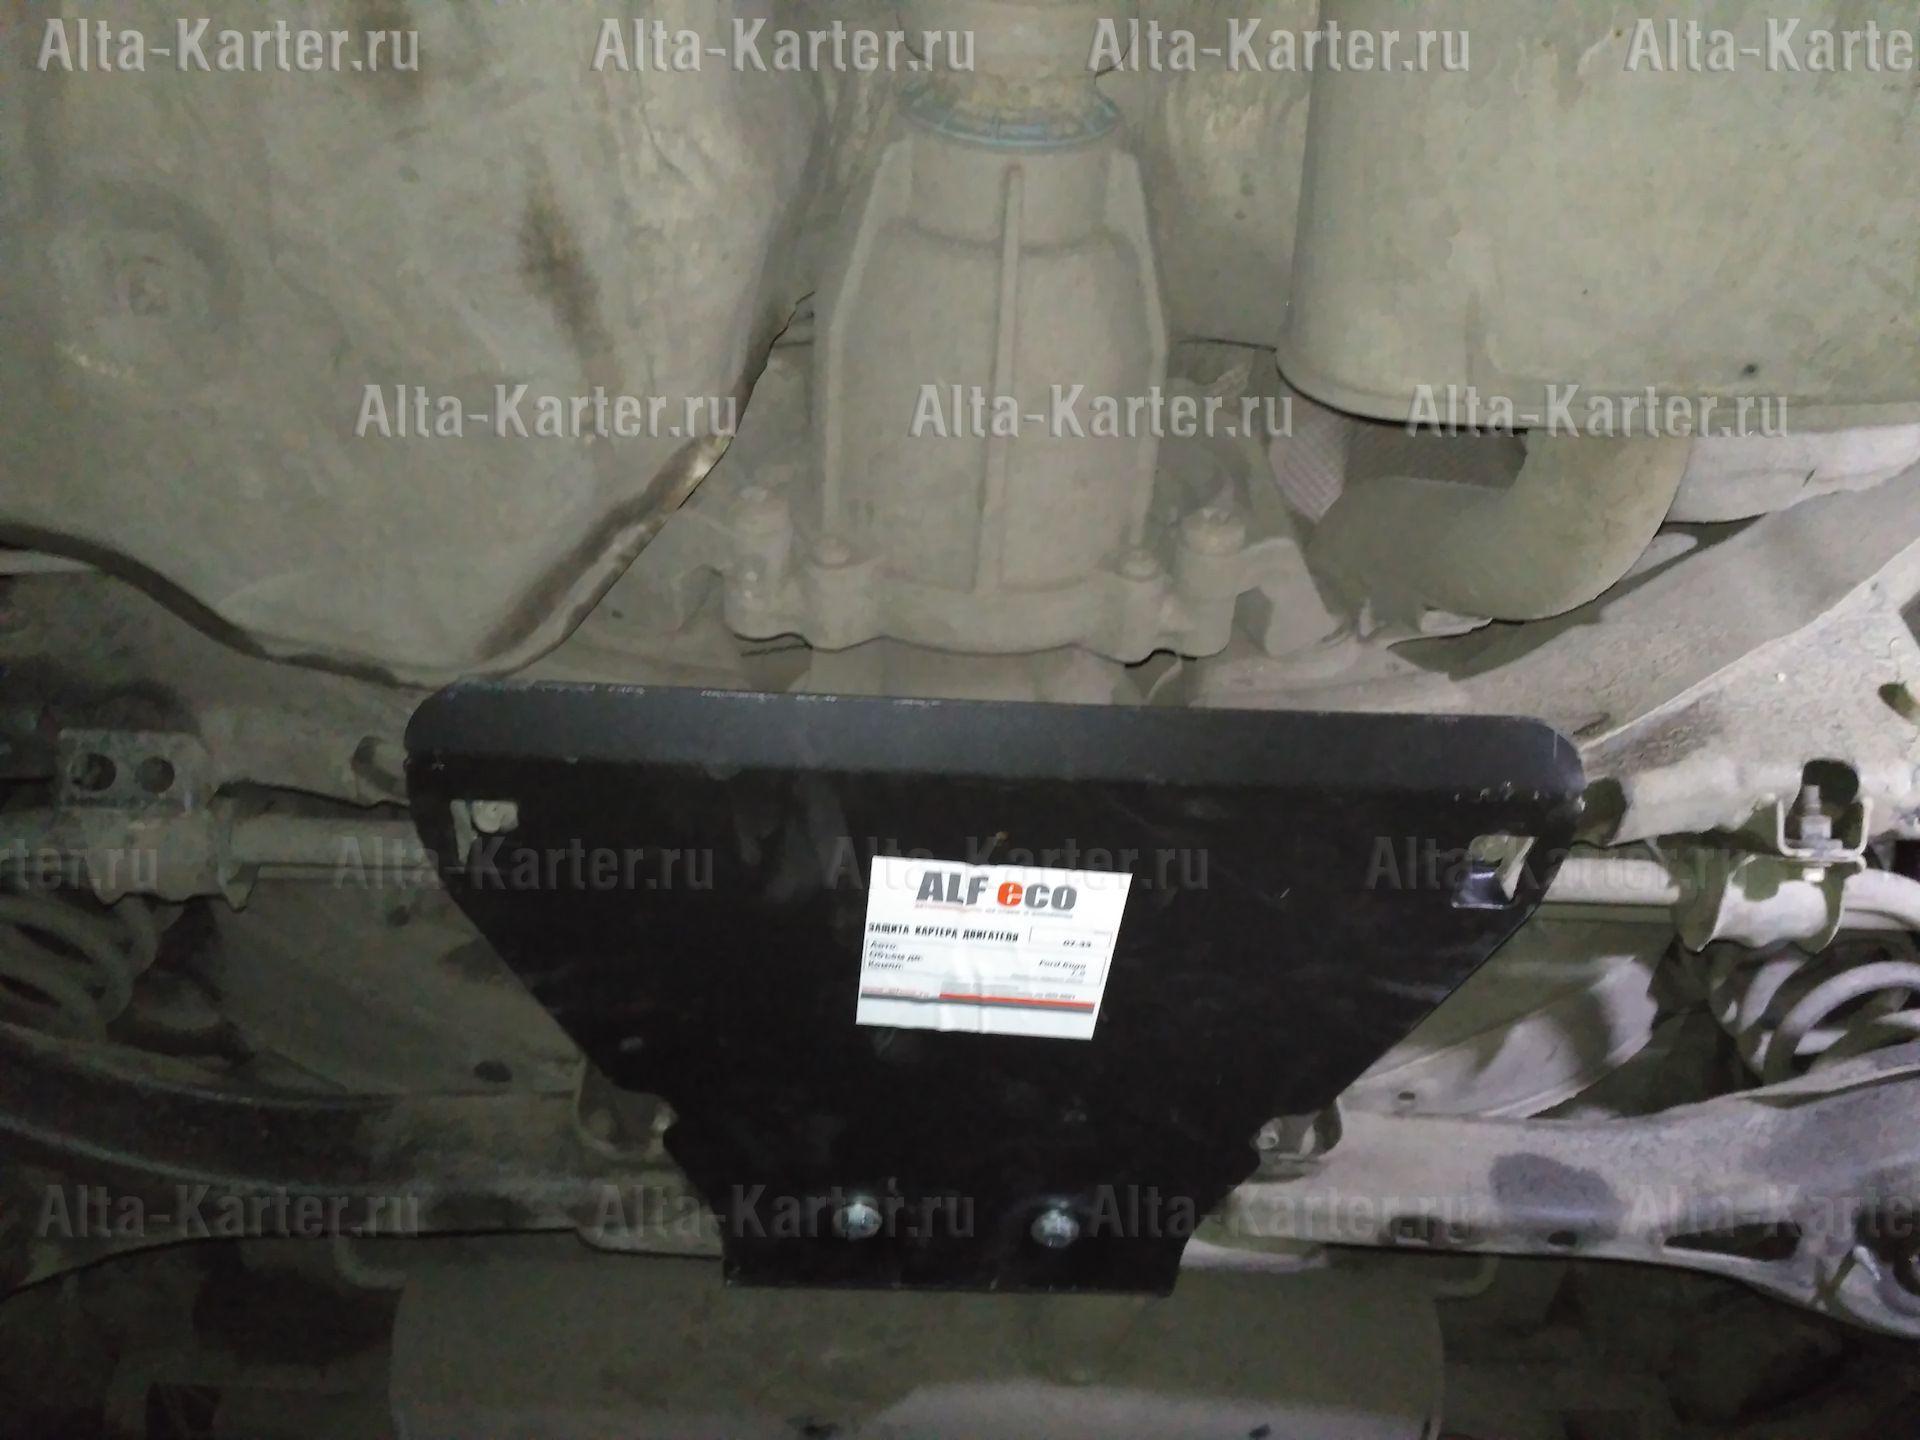 Защита Alfeco для редуктора заднего моста Ford Kuga II 2013-2021. Артикул ALF.07.33